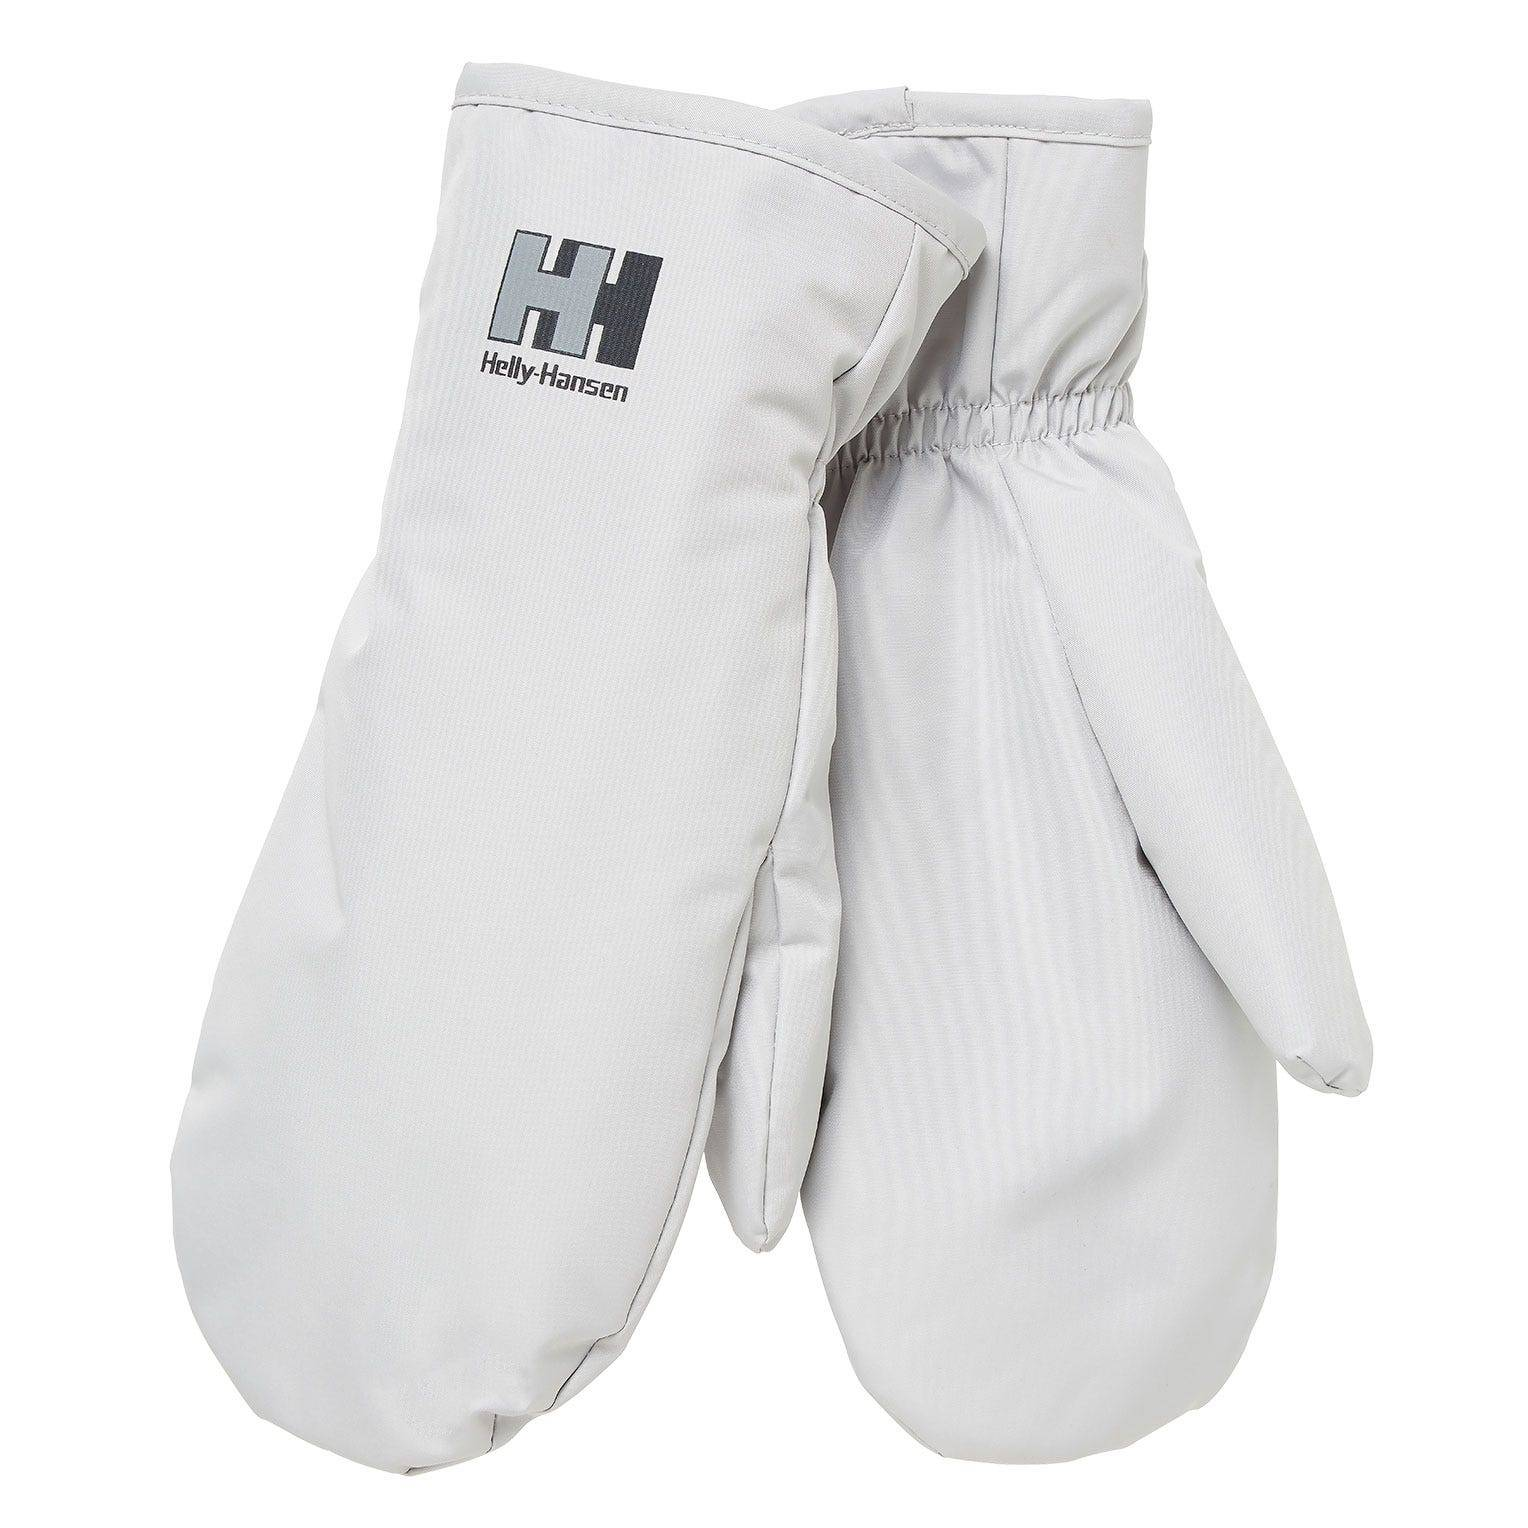 Helly Hansen Polar Mittens White XL